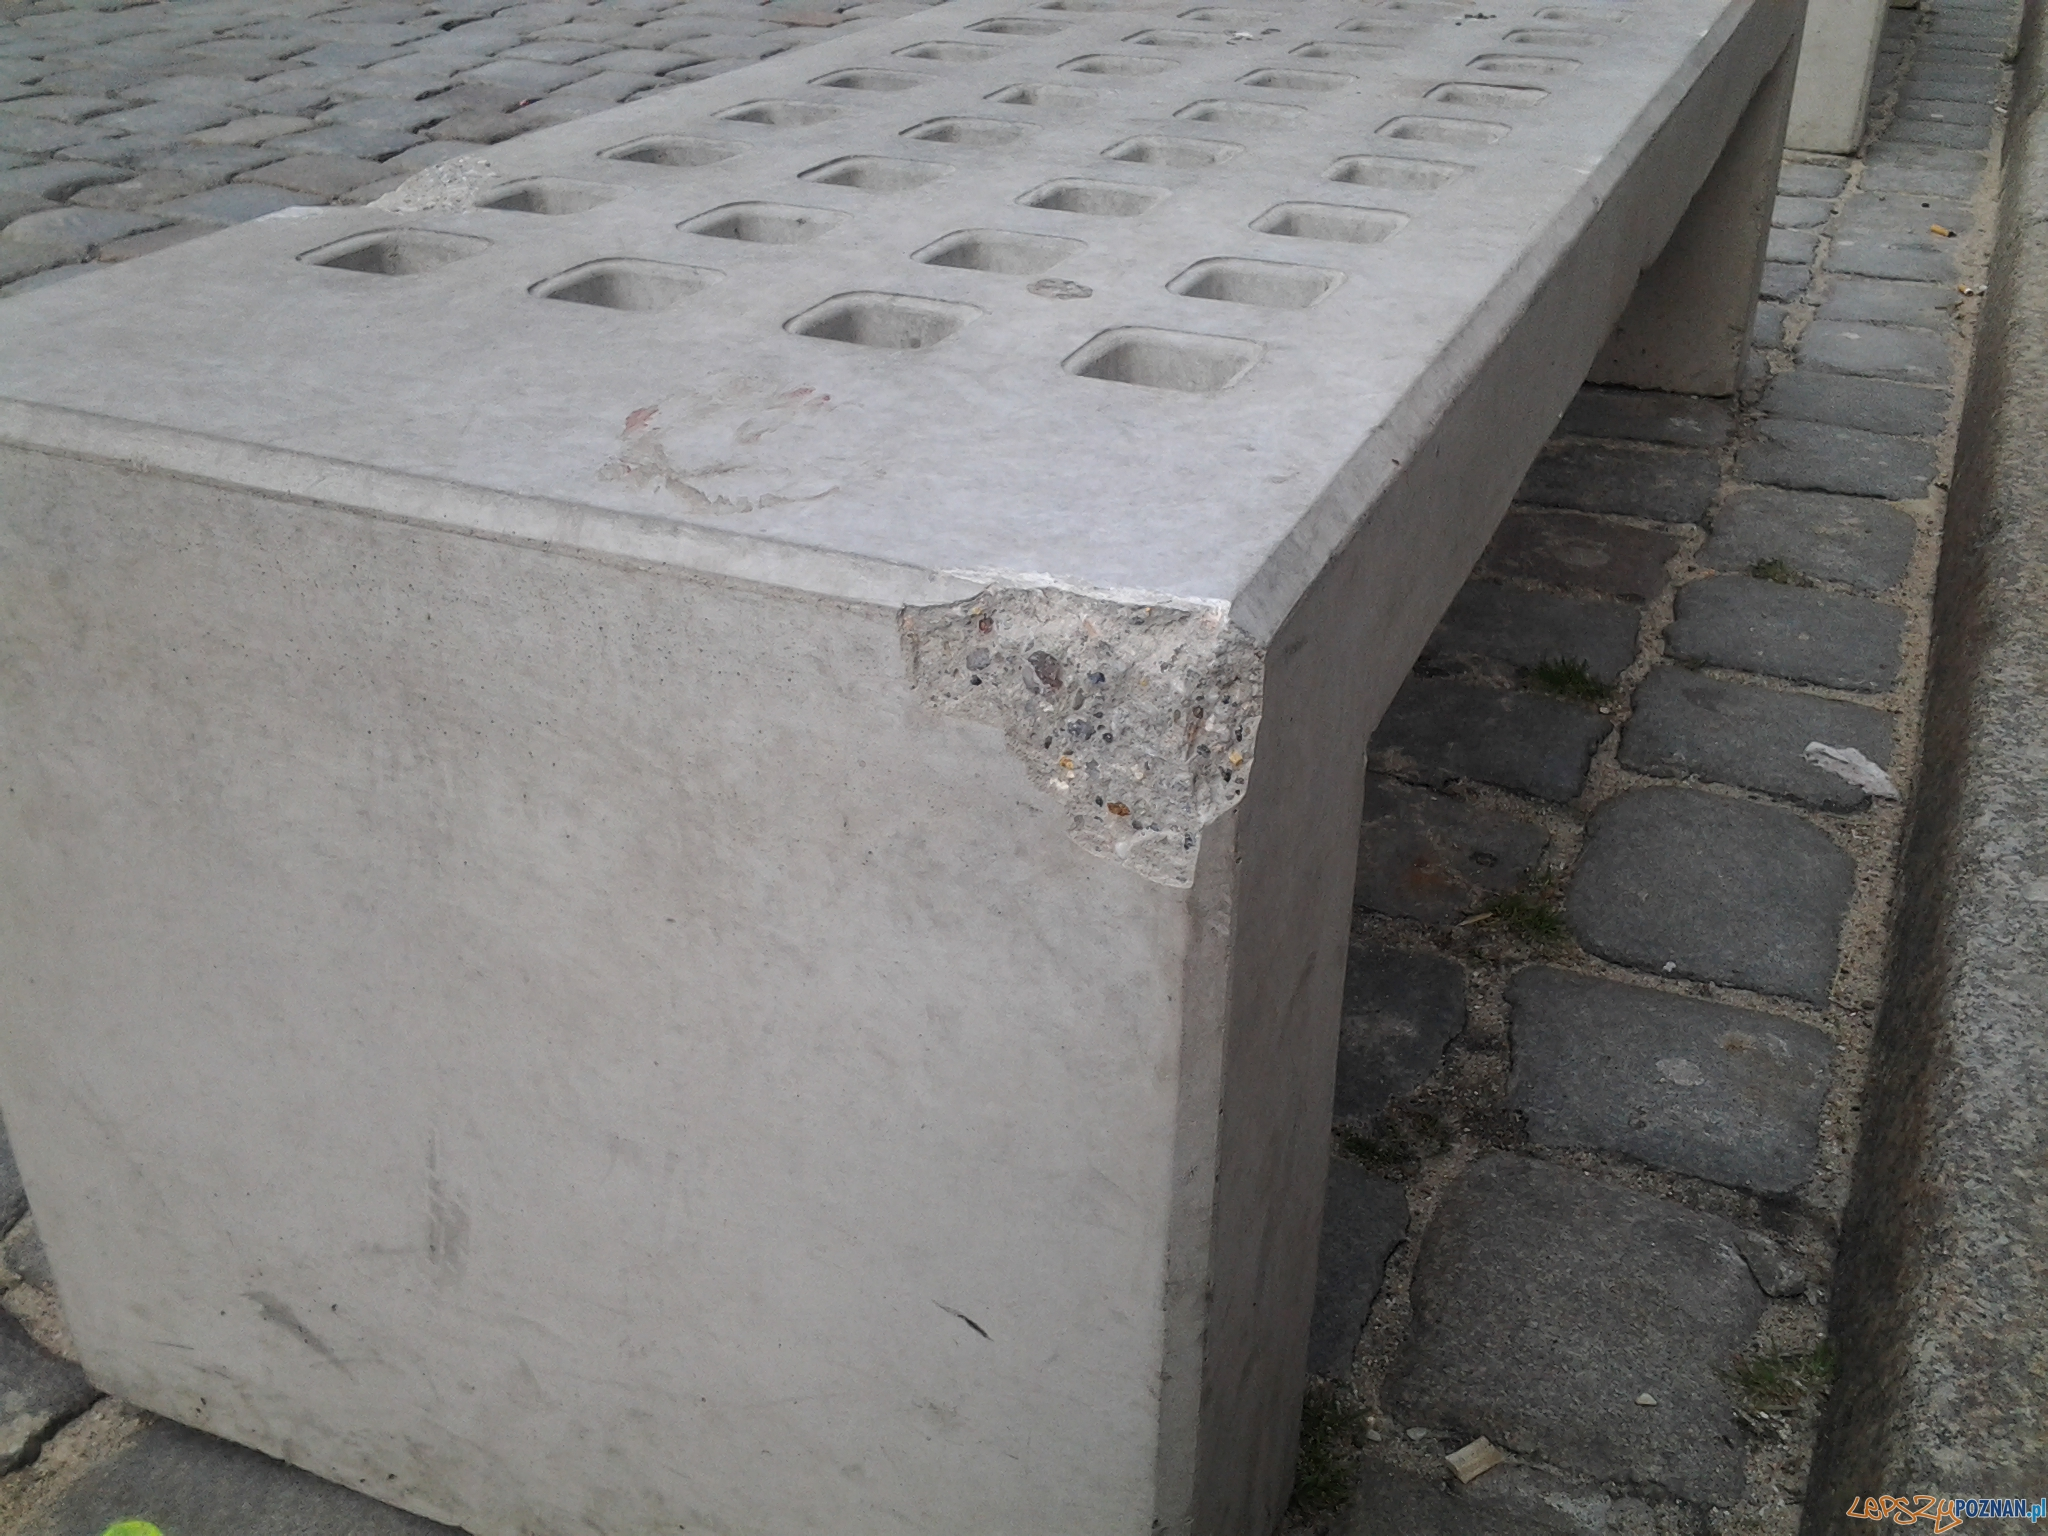 Zniszczone ławki wandalo-odporne na Starym Rynku  Foto: lepszyPOZNAN.pl / ag